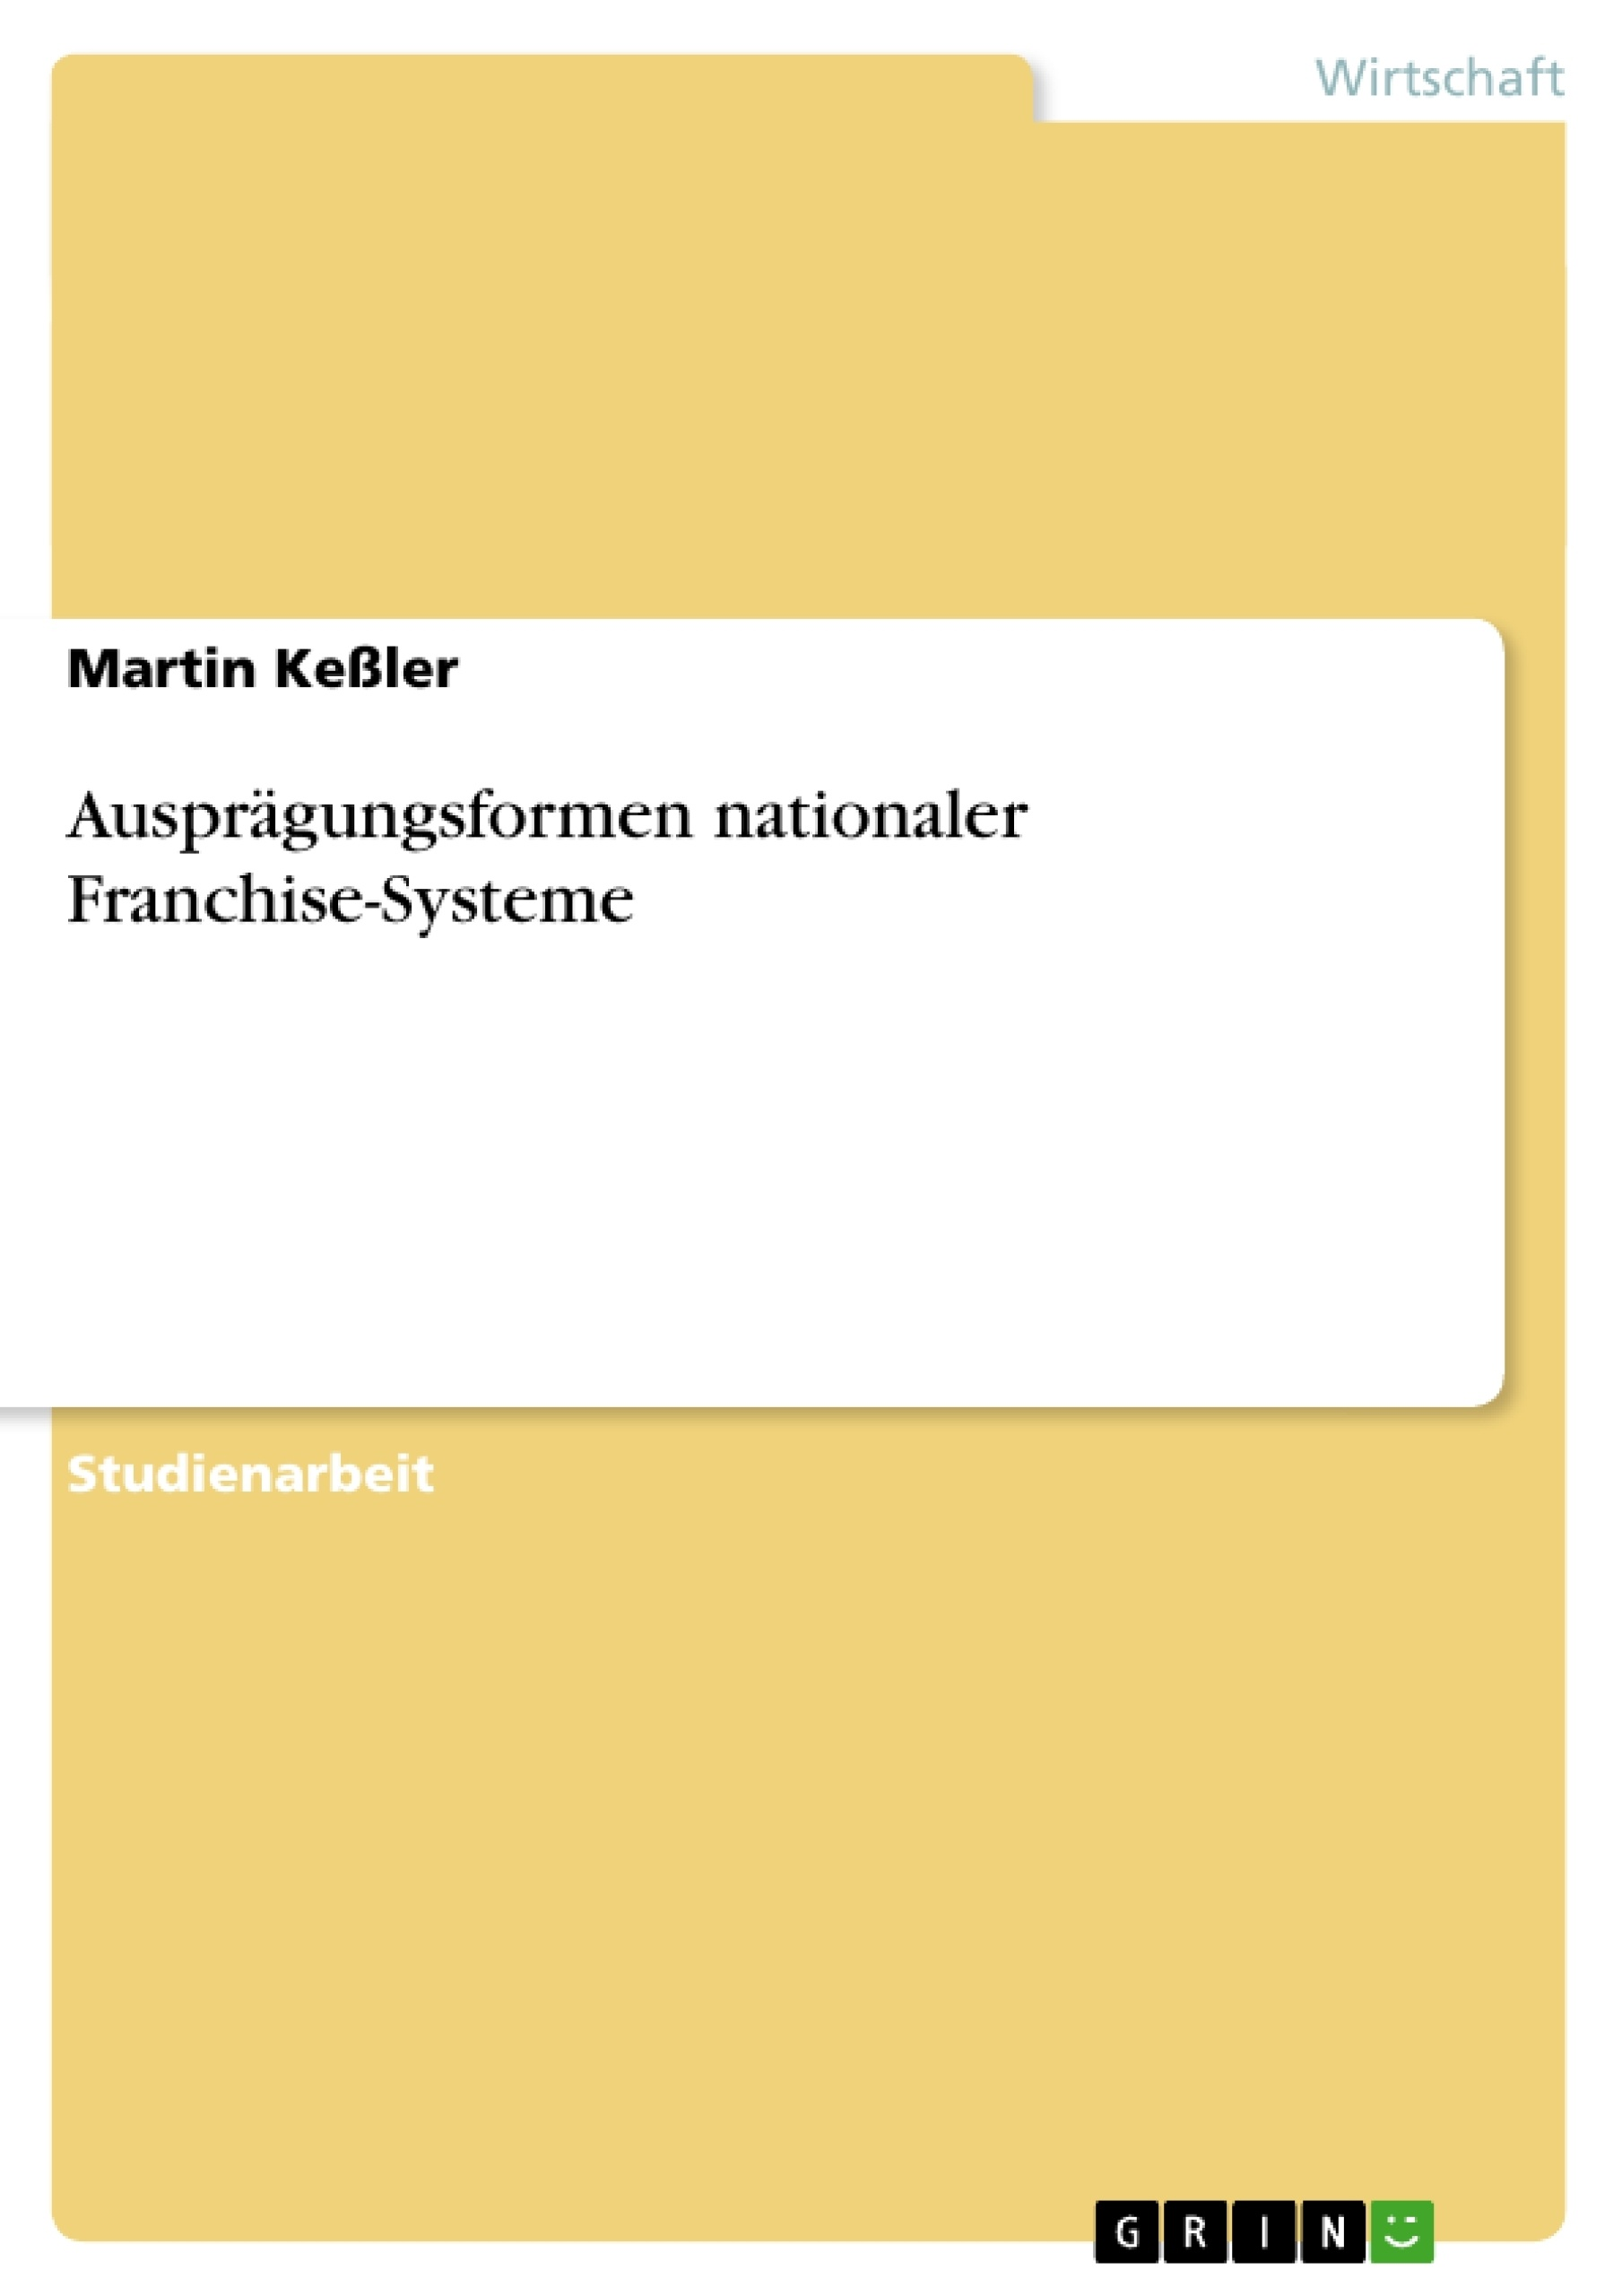 Titel: Ausprägungsformen nationaler Franchise-Systeme